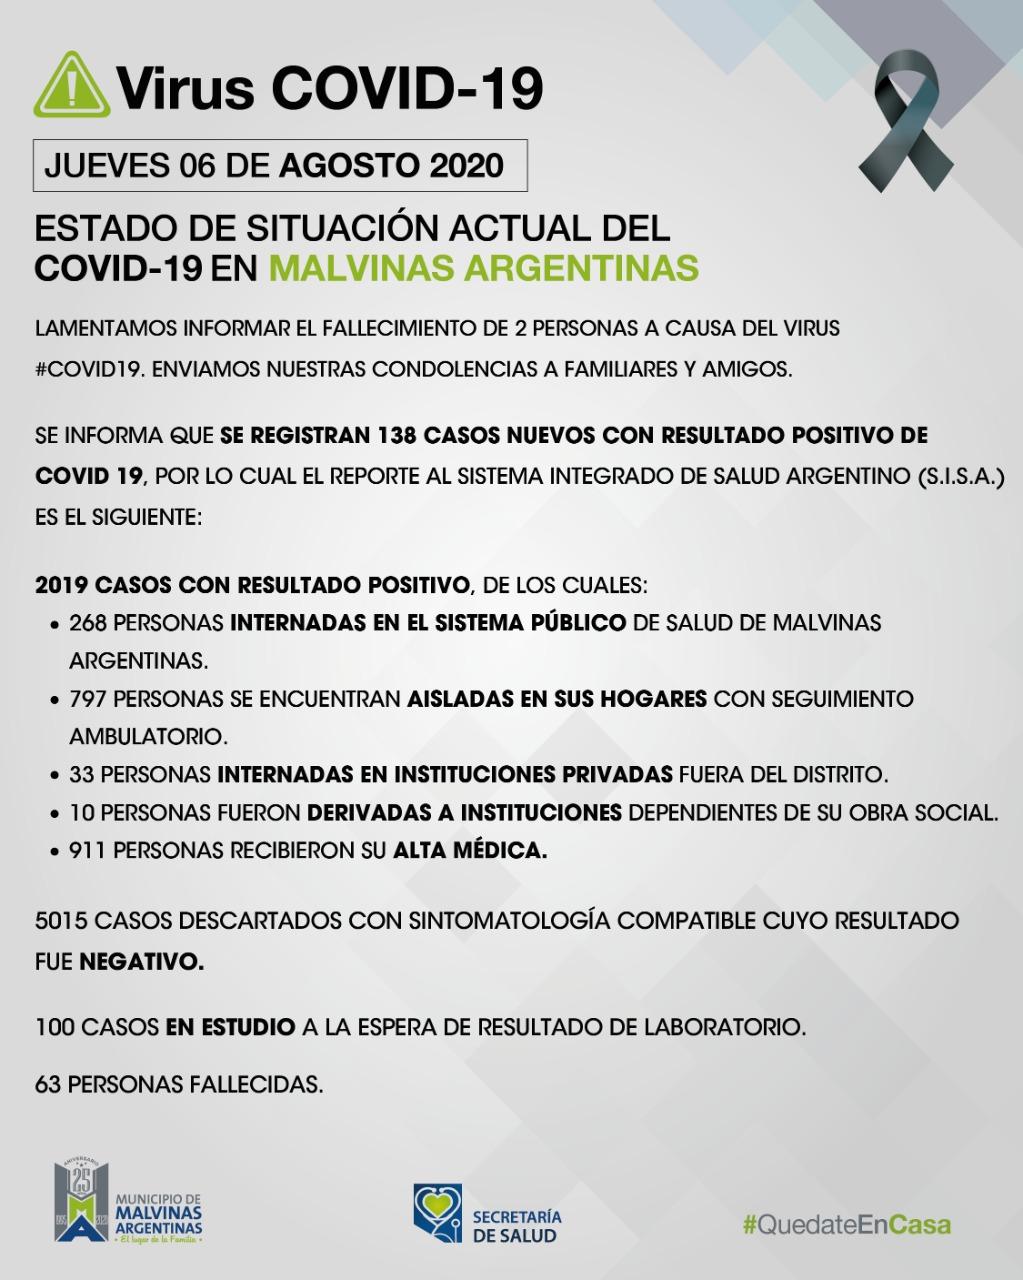 Malvinas Argentinas: 2 fallecidos y 138 nuevos casos de COVID-19. Covid_58